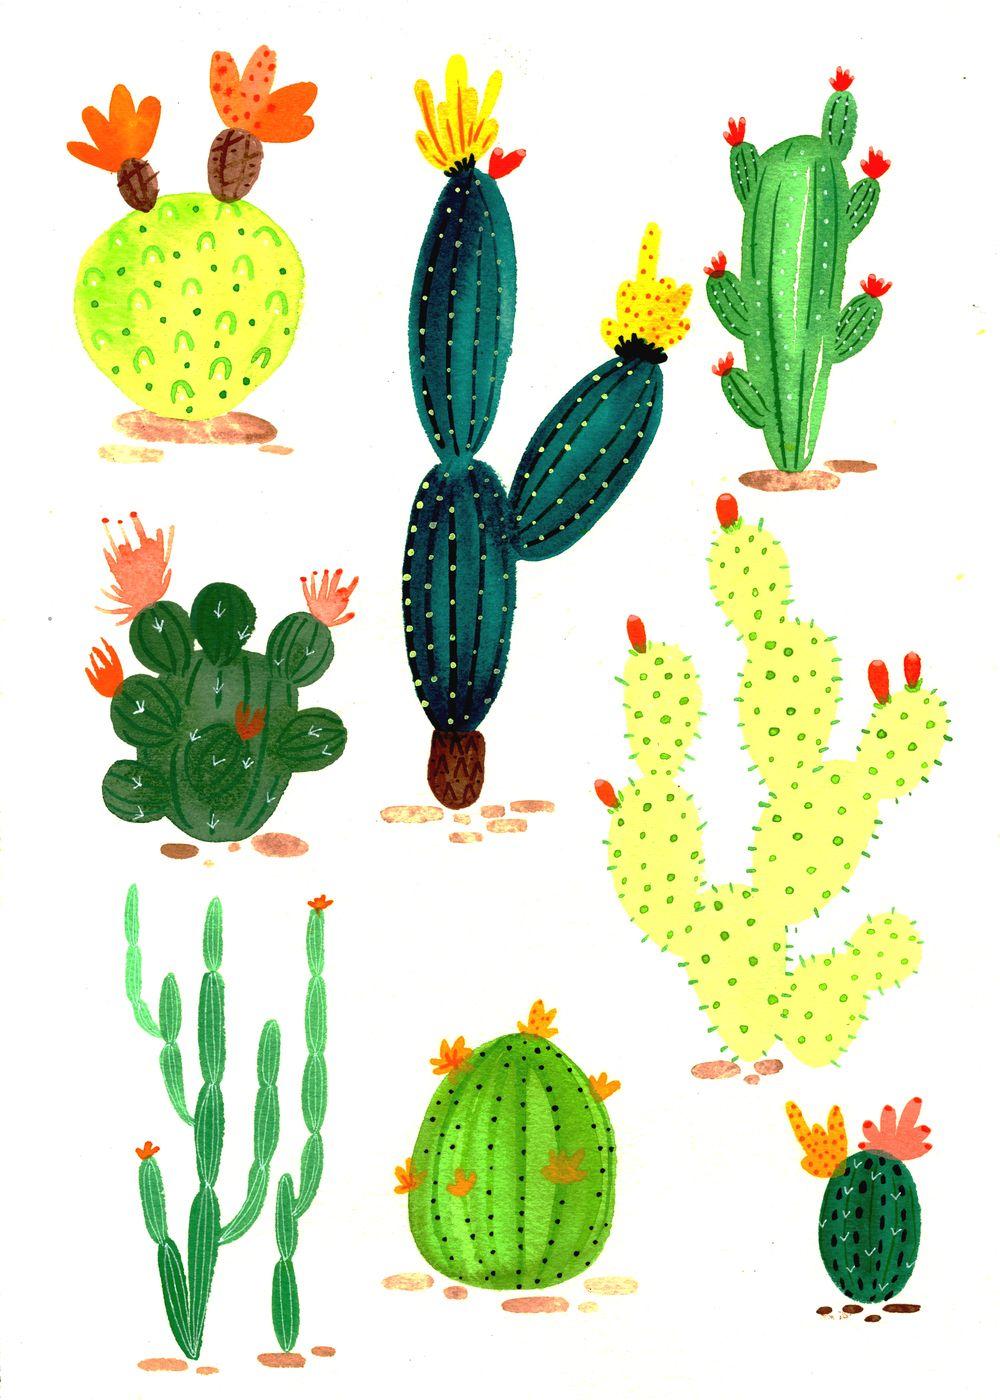 cactus patter 2.jpg